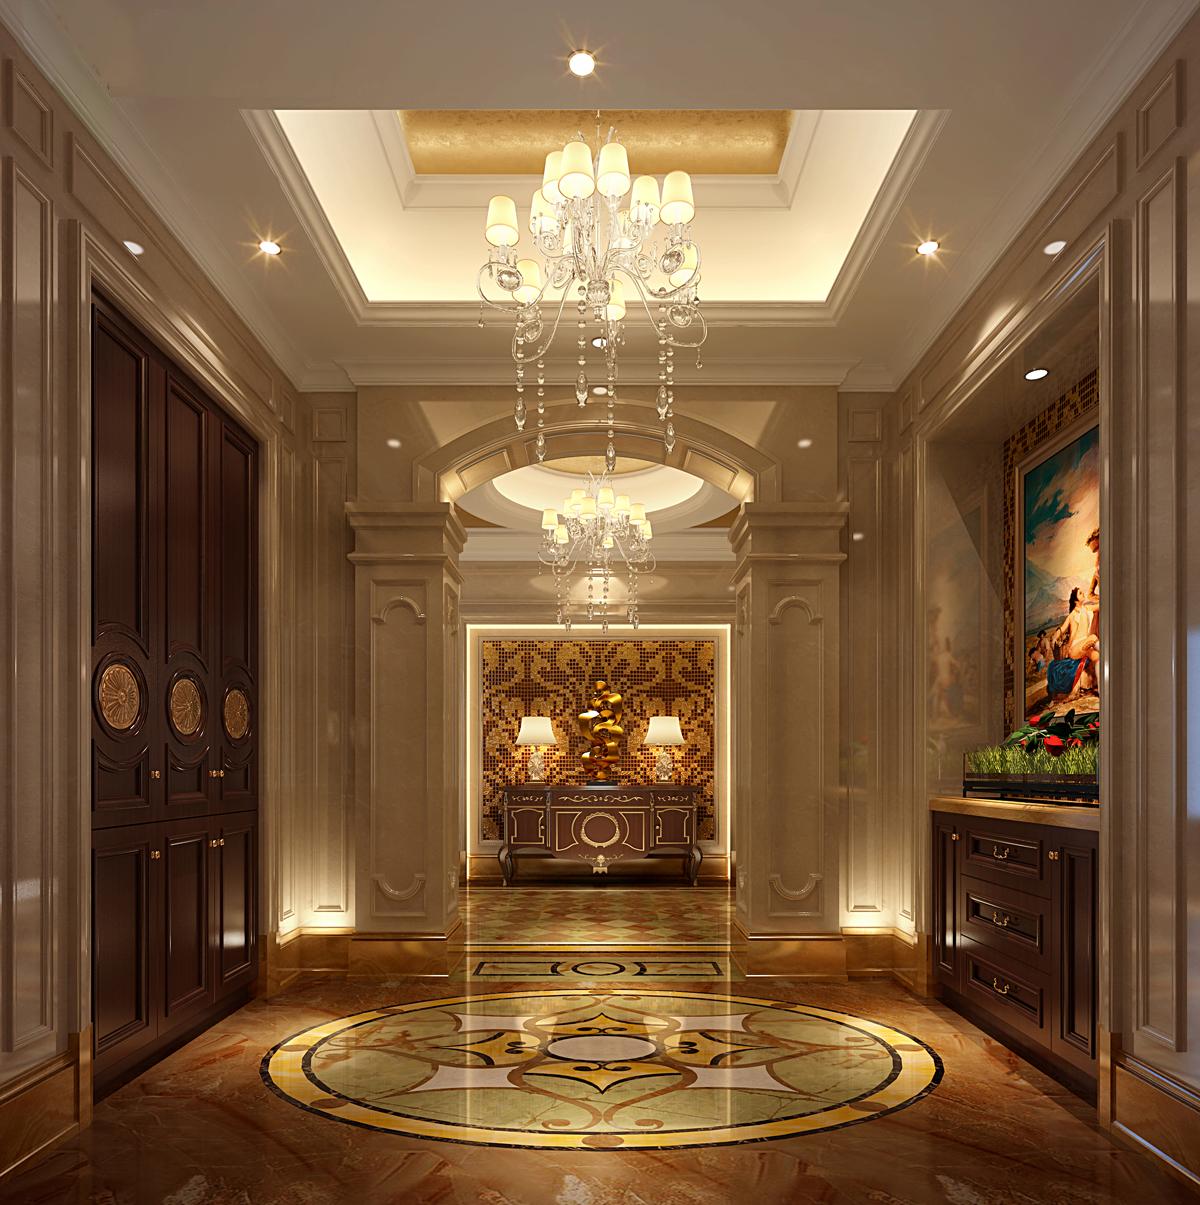 法式别墅; 别墅法式风格_法式别墅; 法式风格装修设计效果图_法式风格